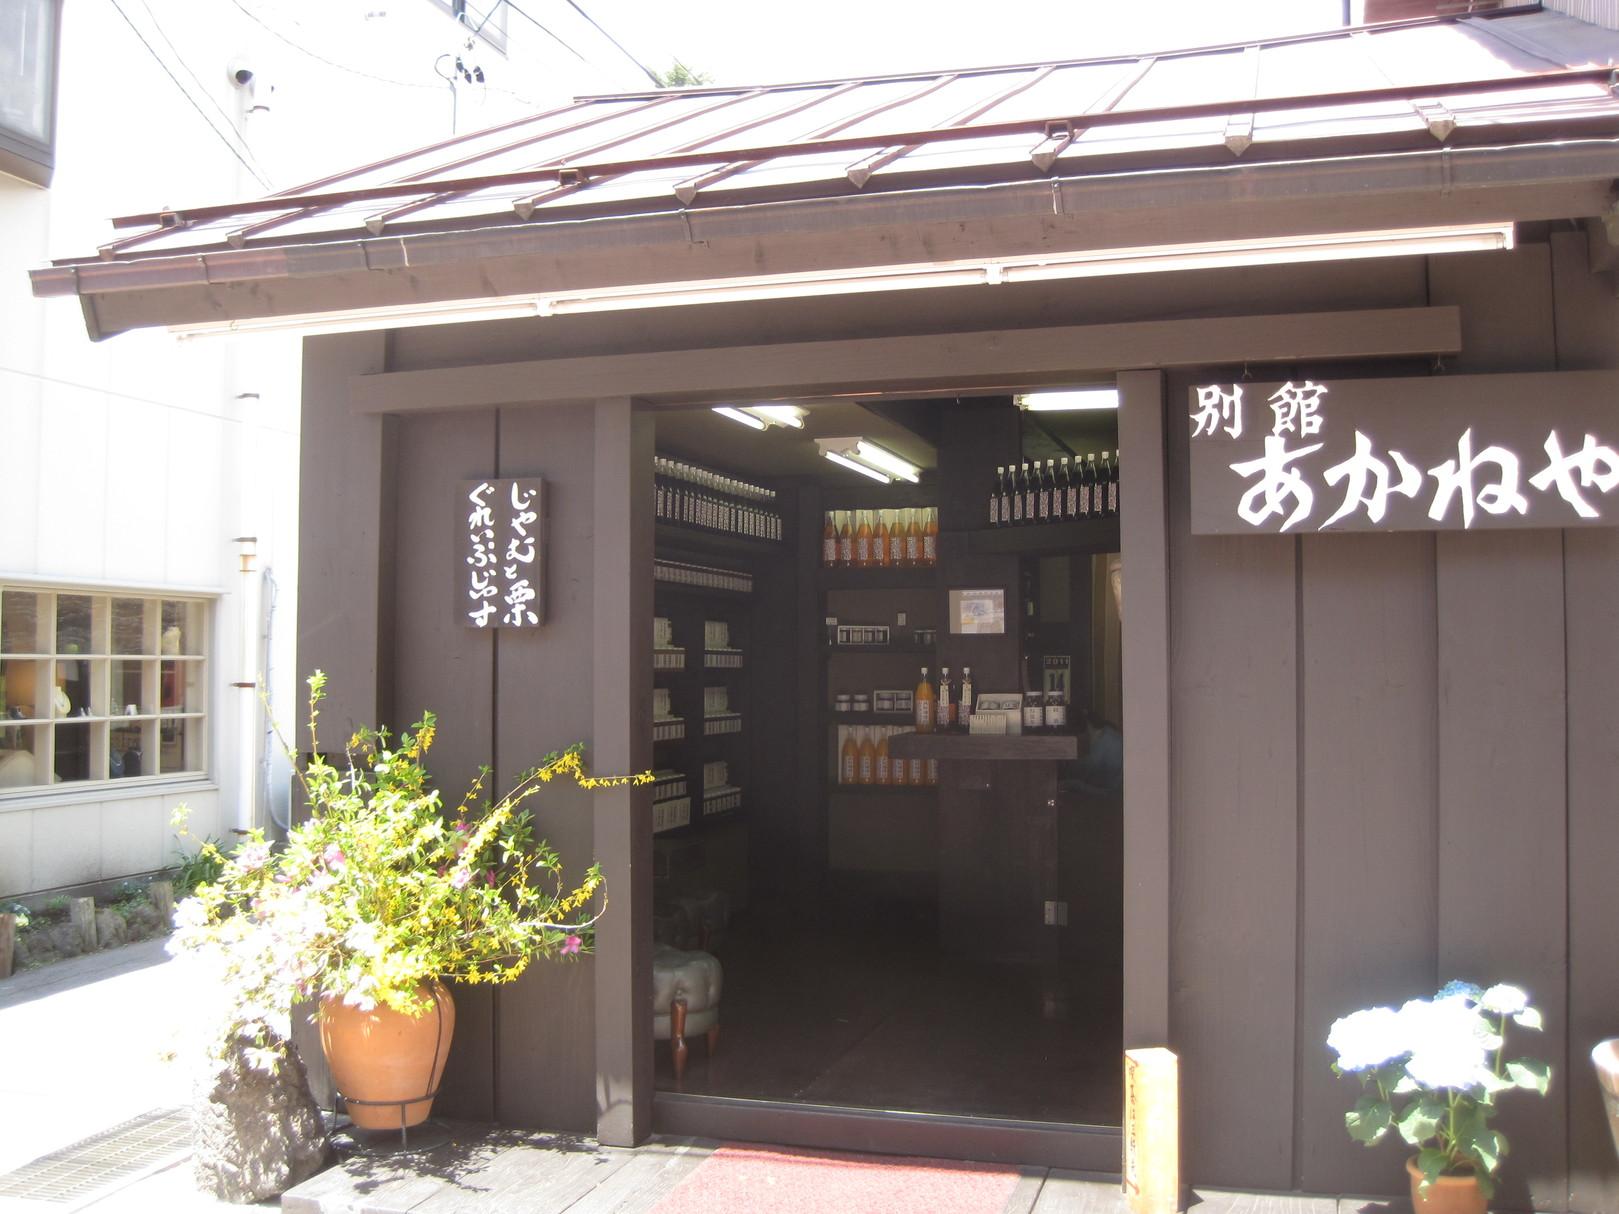 別館あかねや 茜屋珈琲店・売店 name=